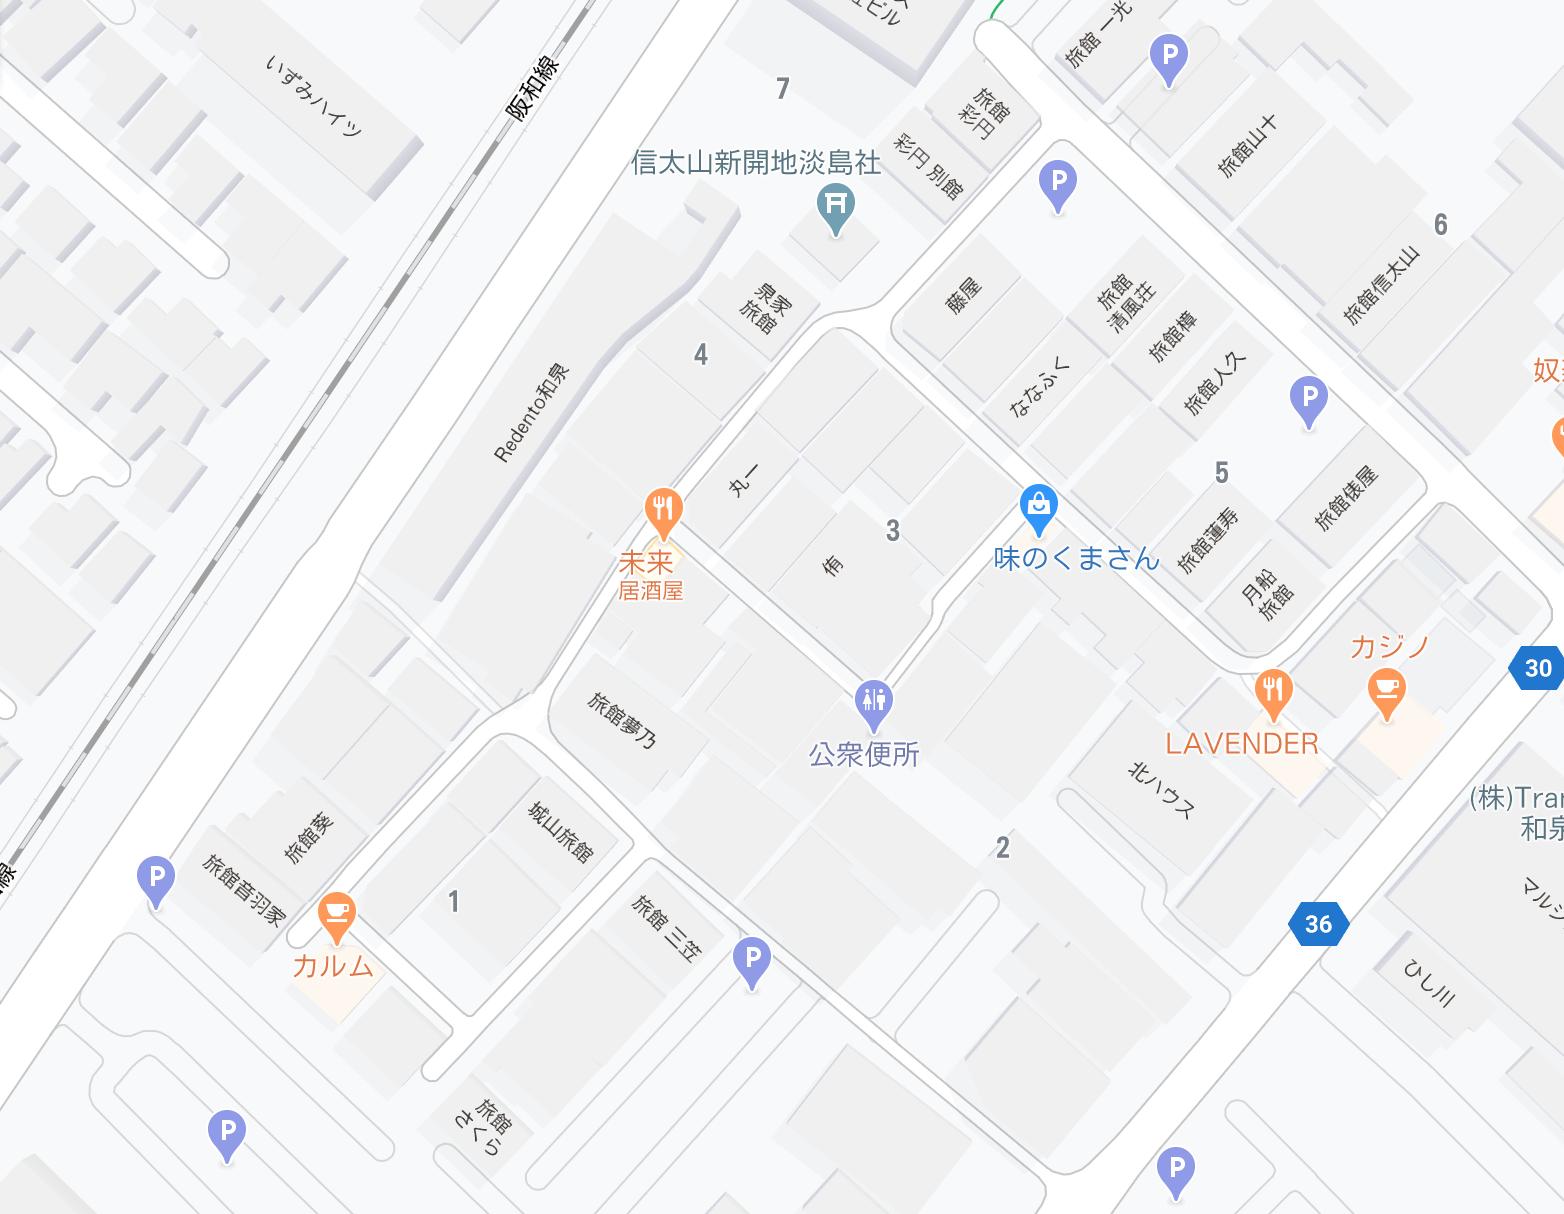 信太山新地 マップ